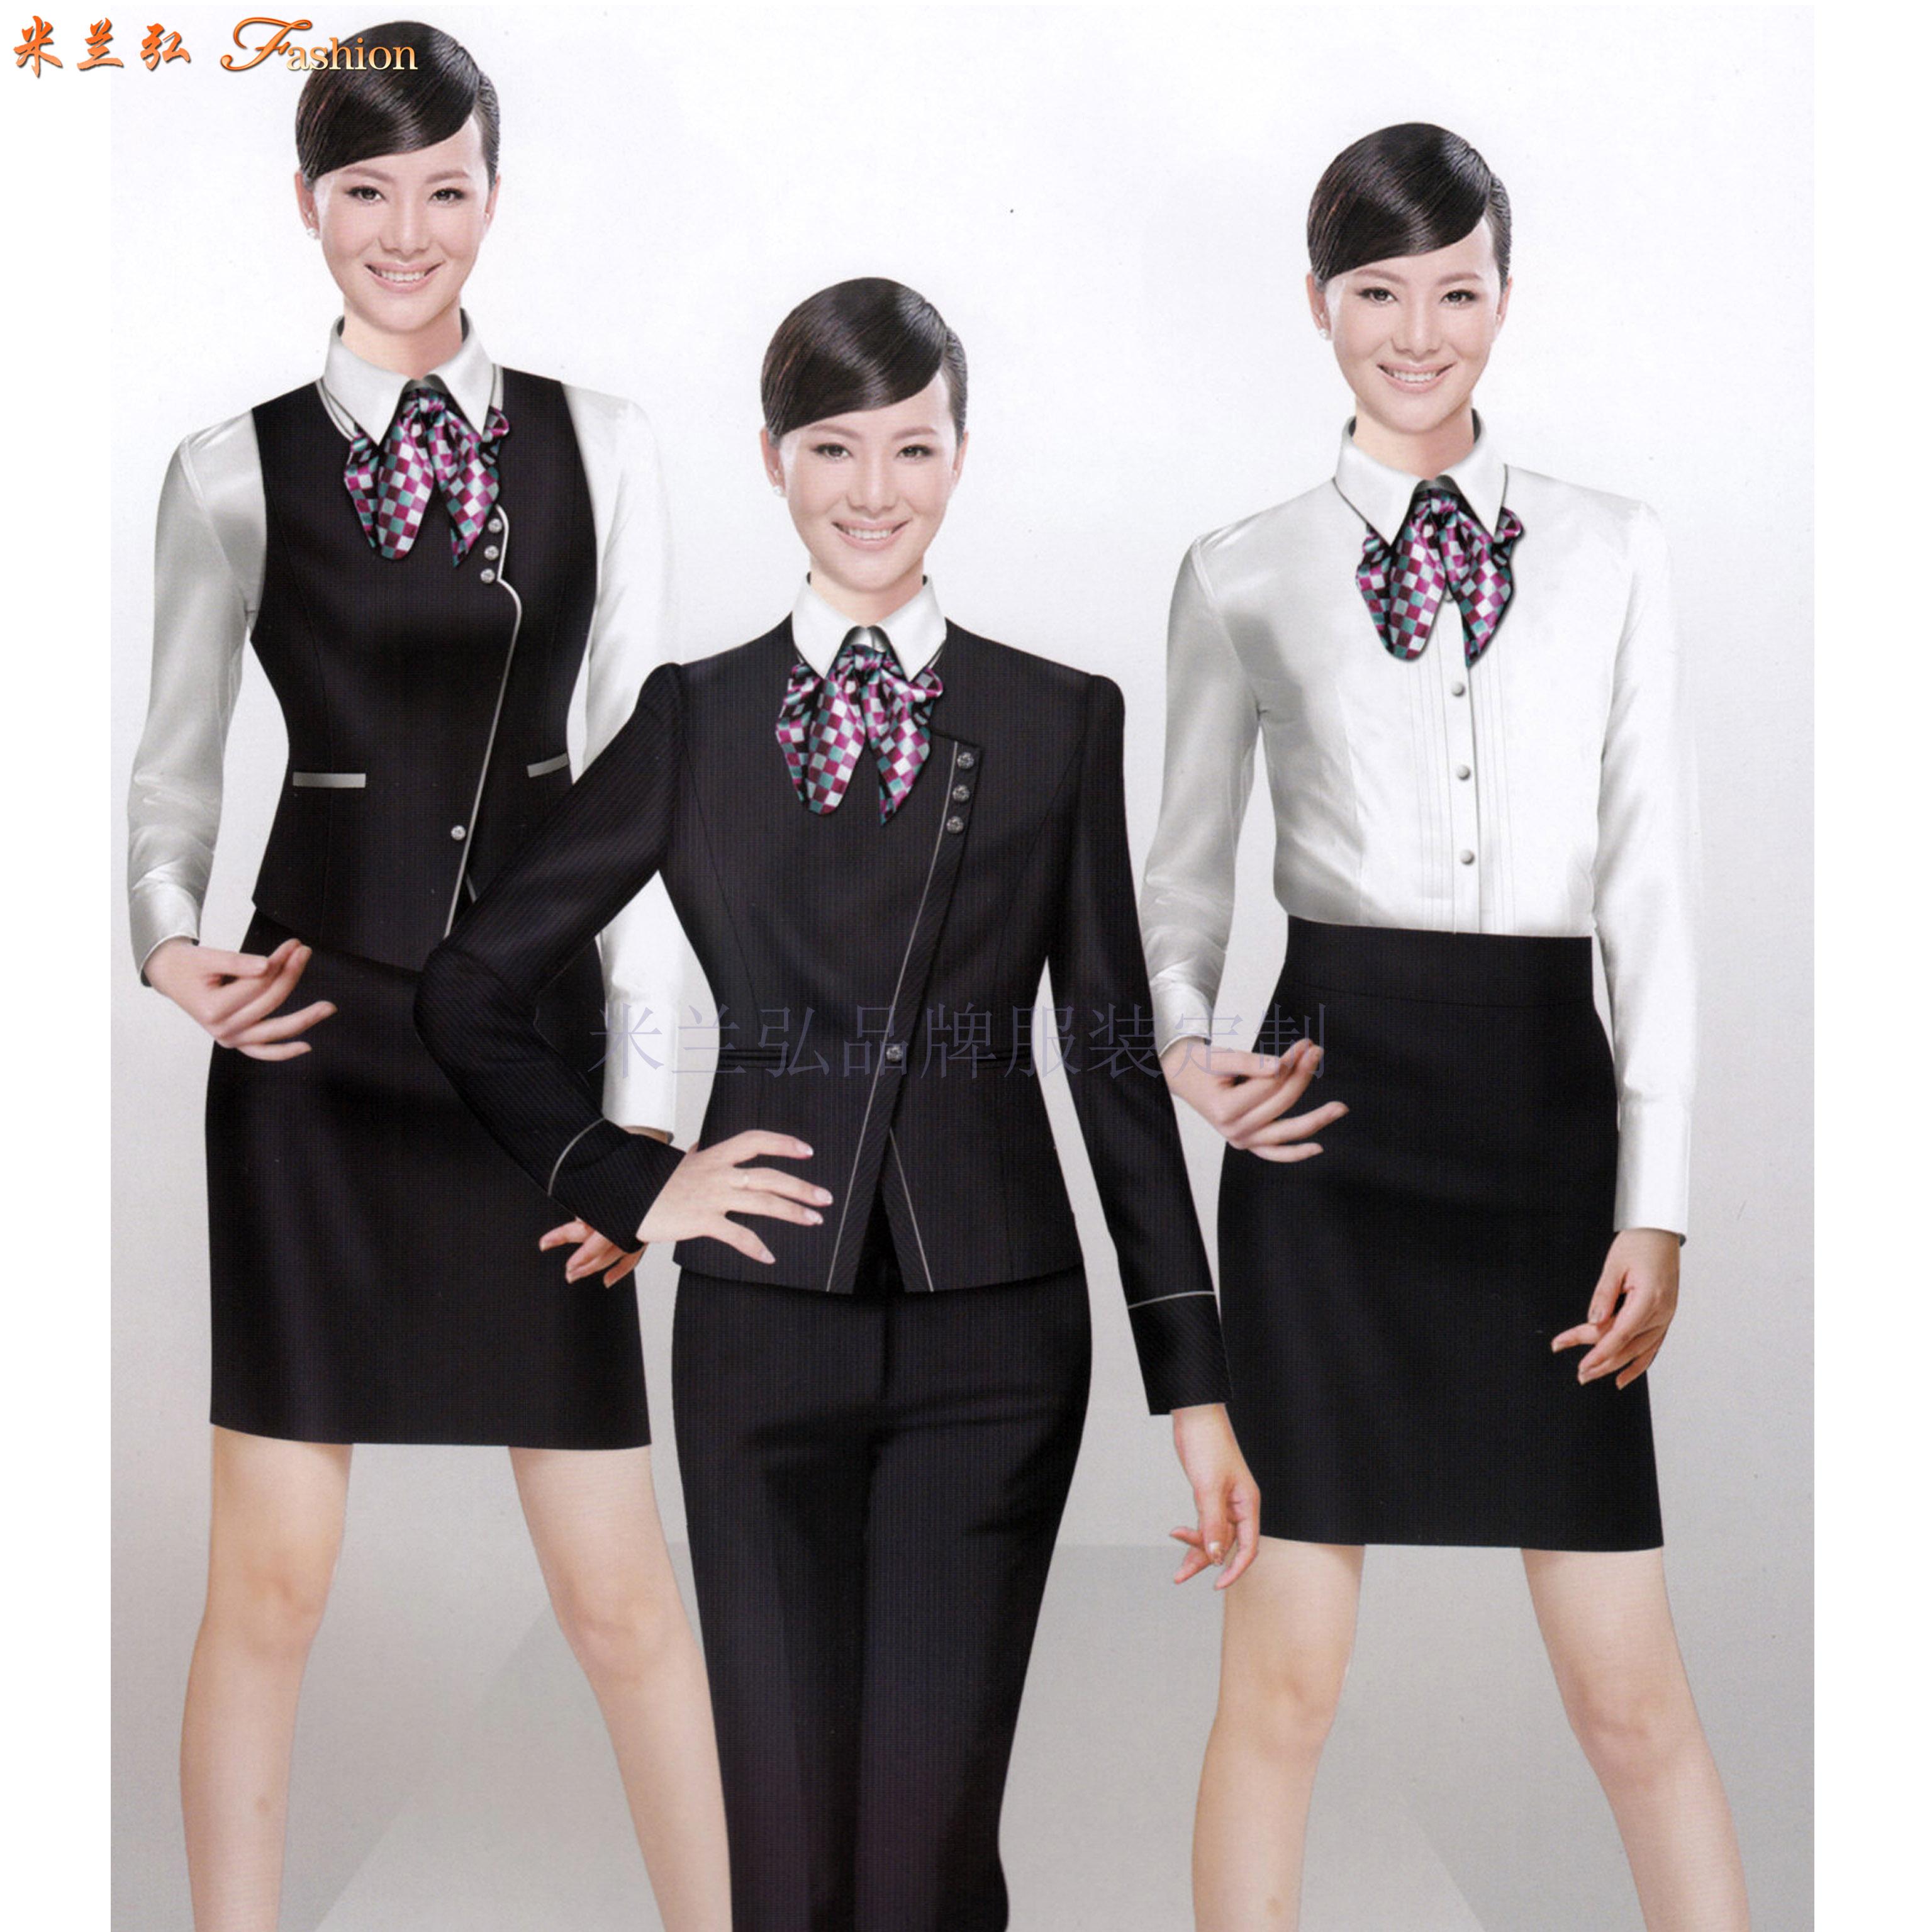 上海空姐服定製|圖片_價格_方法_公司-永利注册网站空姐服👍-2